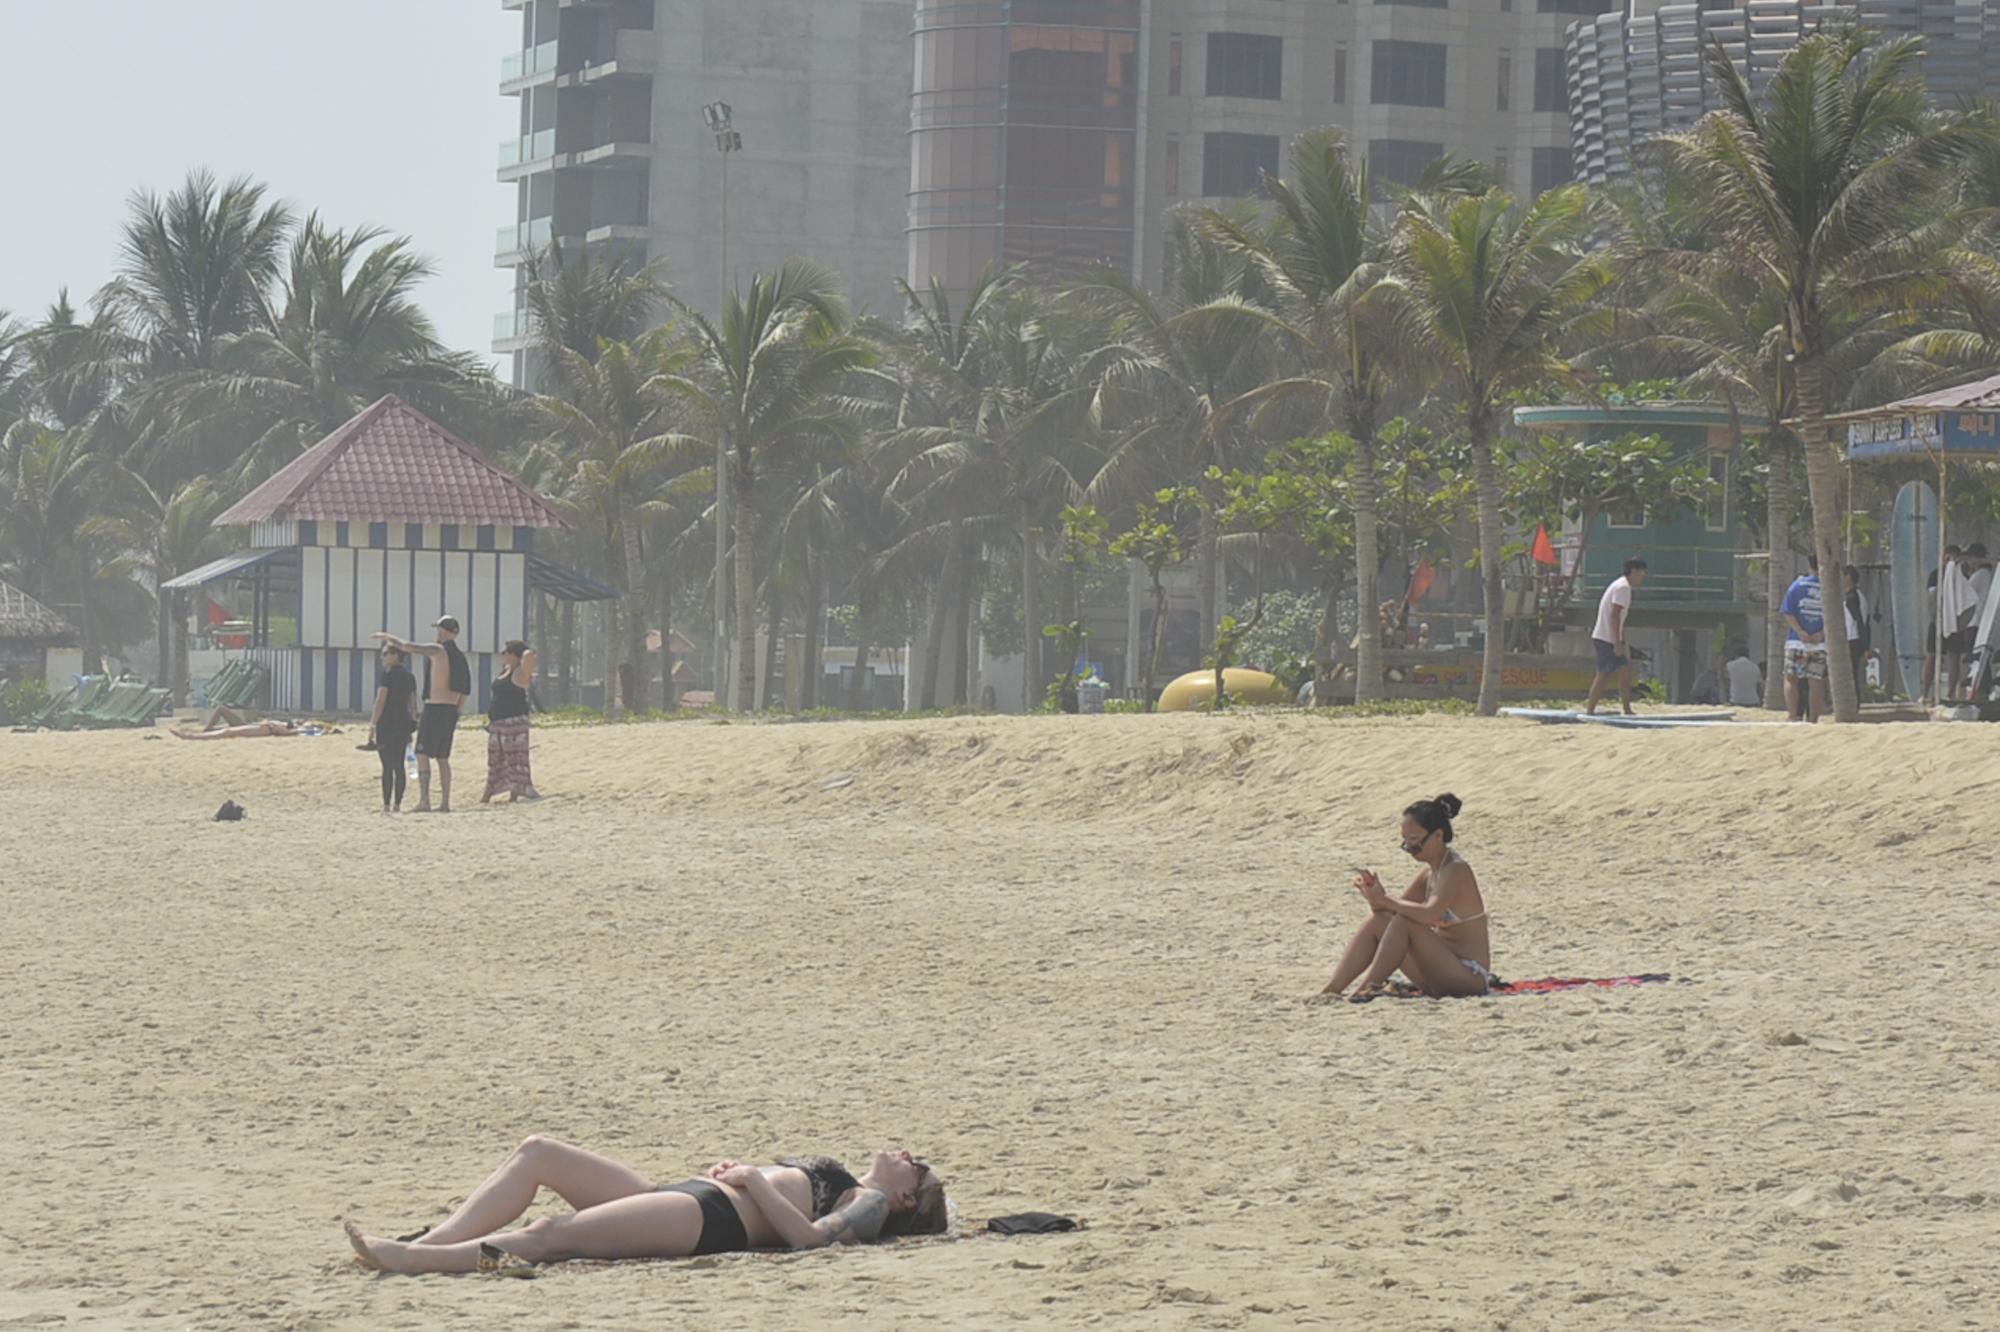 Đà Nẵng: Du khách thảnh thơi vui chơi ở bãi biển khi dịch Covid-19 được phòng tốt - Ảnh 4.